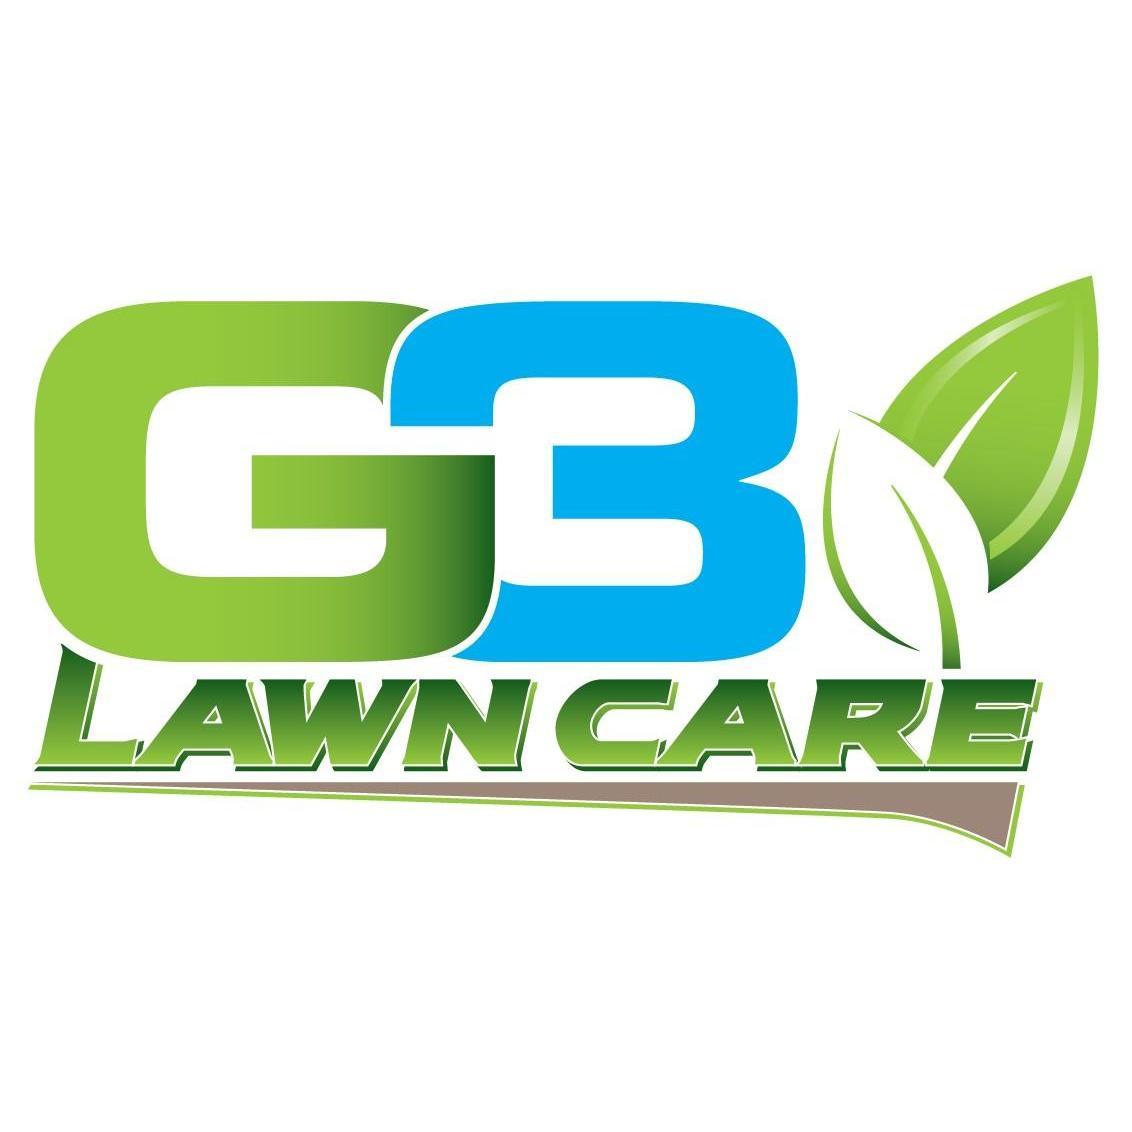 G3 Lawn Care, LLC